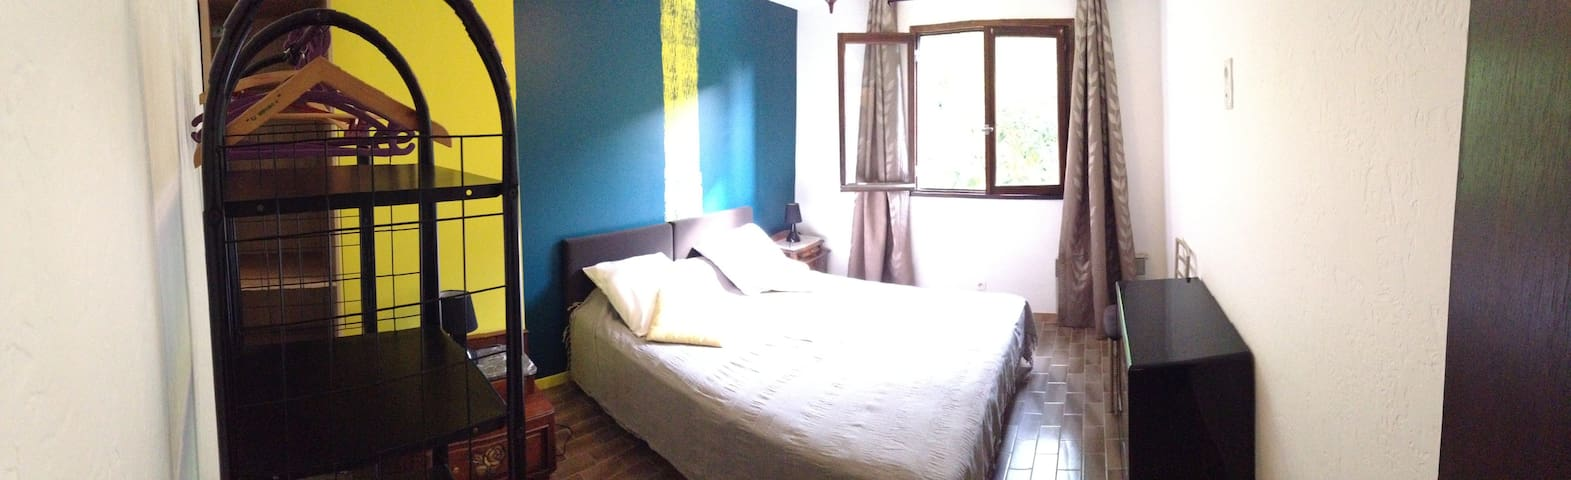 Appartement F2*n°6 offre une chambre avec lit double 160 ou 2 lits simples, un salon-TV avec canapé-lit double 135cm (modulable en vraie chambre avec bonne literie) une petite cuisine tout équipée et une salle de douche-WC Jardins communs, barbecues